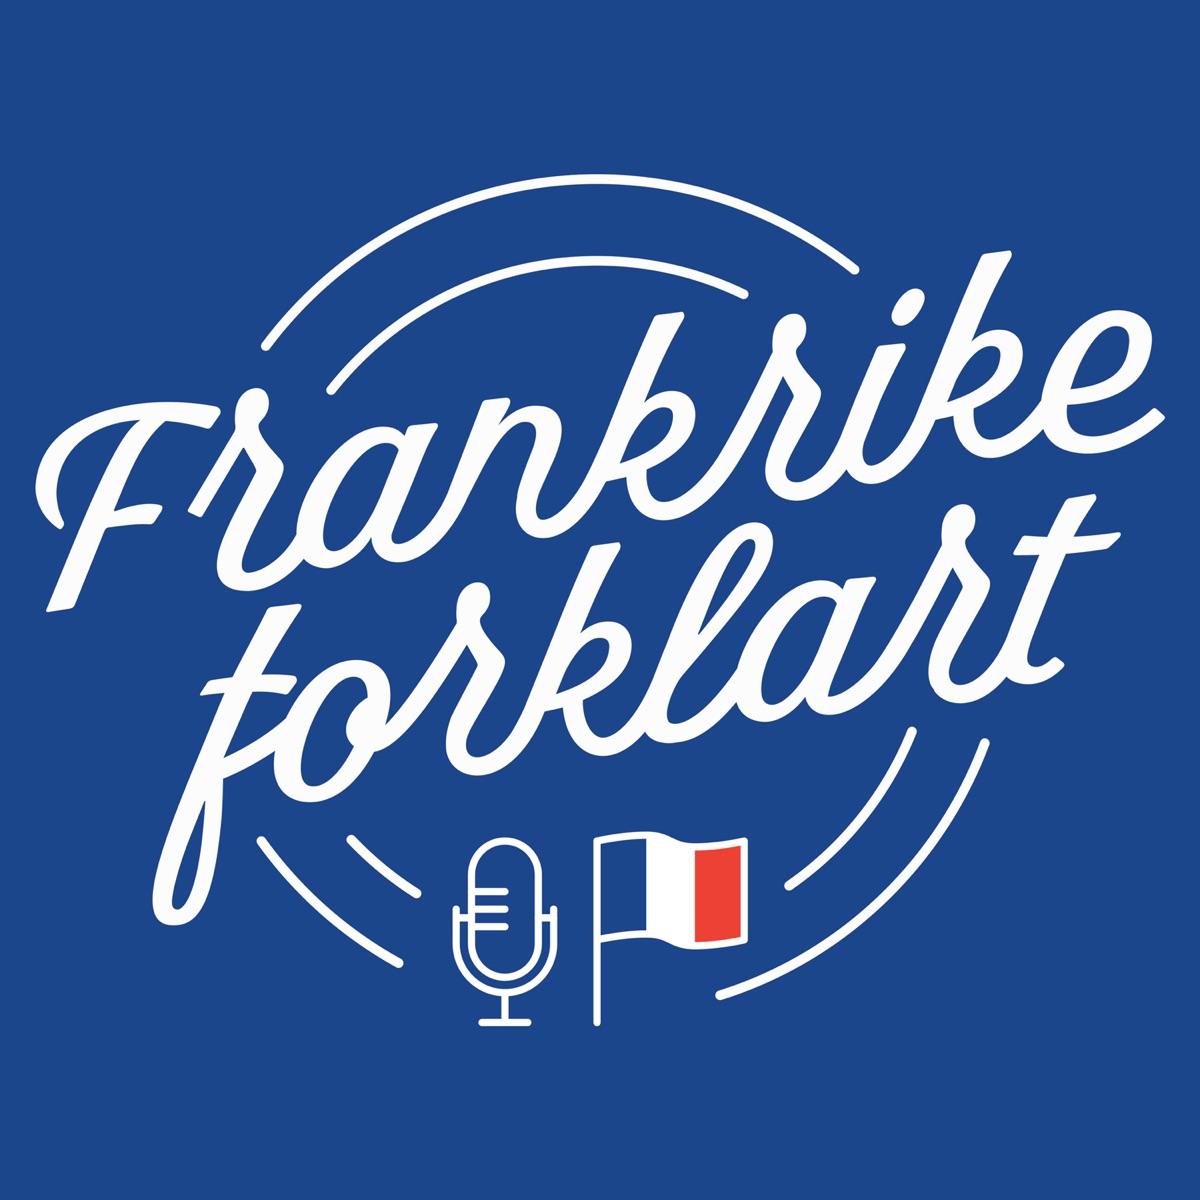 Frankrike forklart